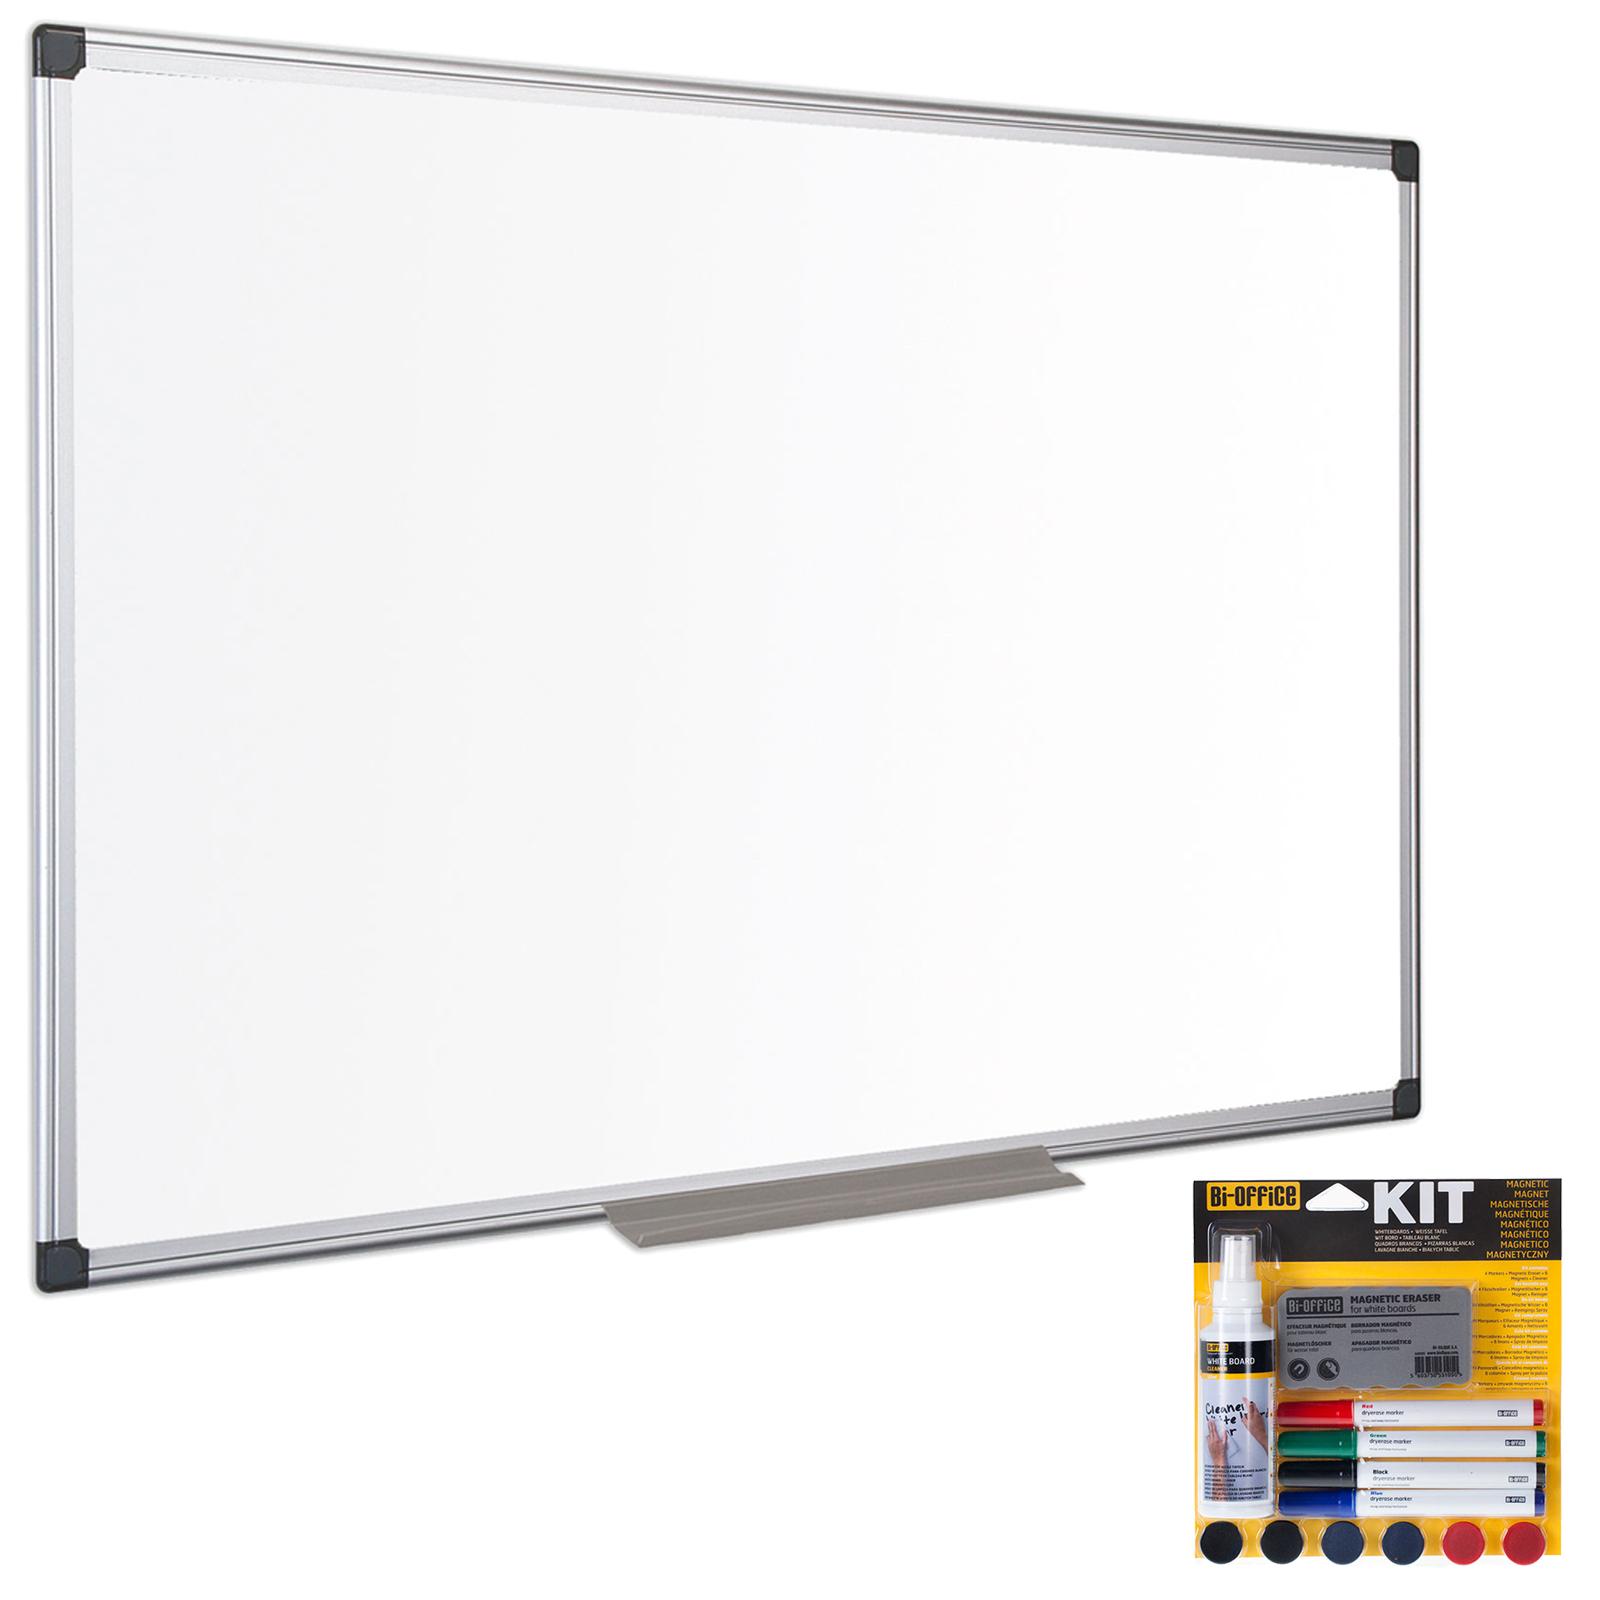 Bi office tableau blanc maill 90 x 60 cm bi office kit magn tique offert - Tableau noir et blanc pas cher ...